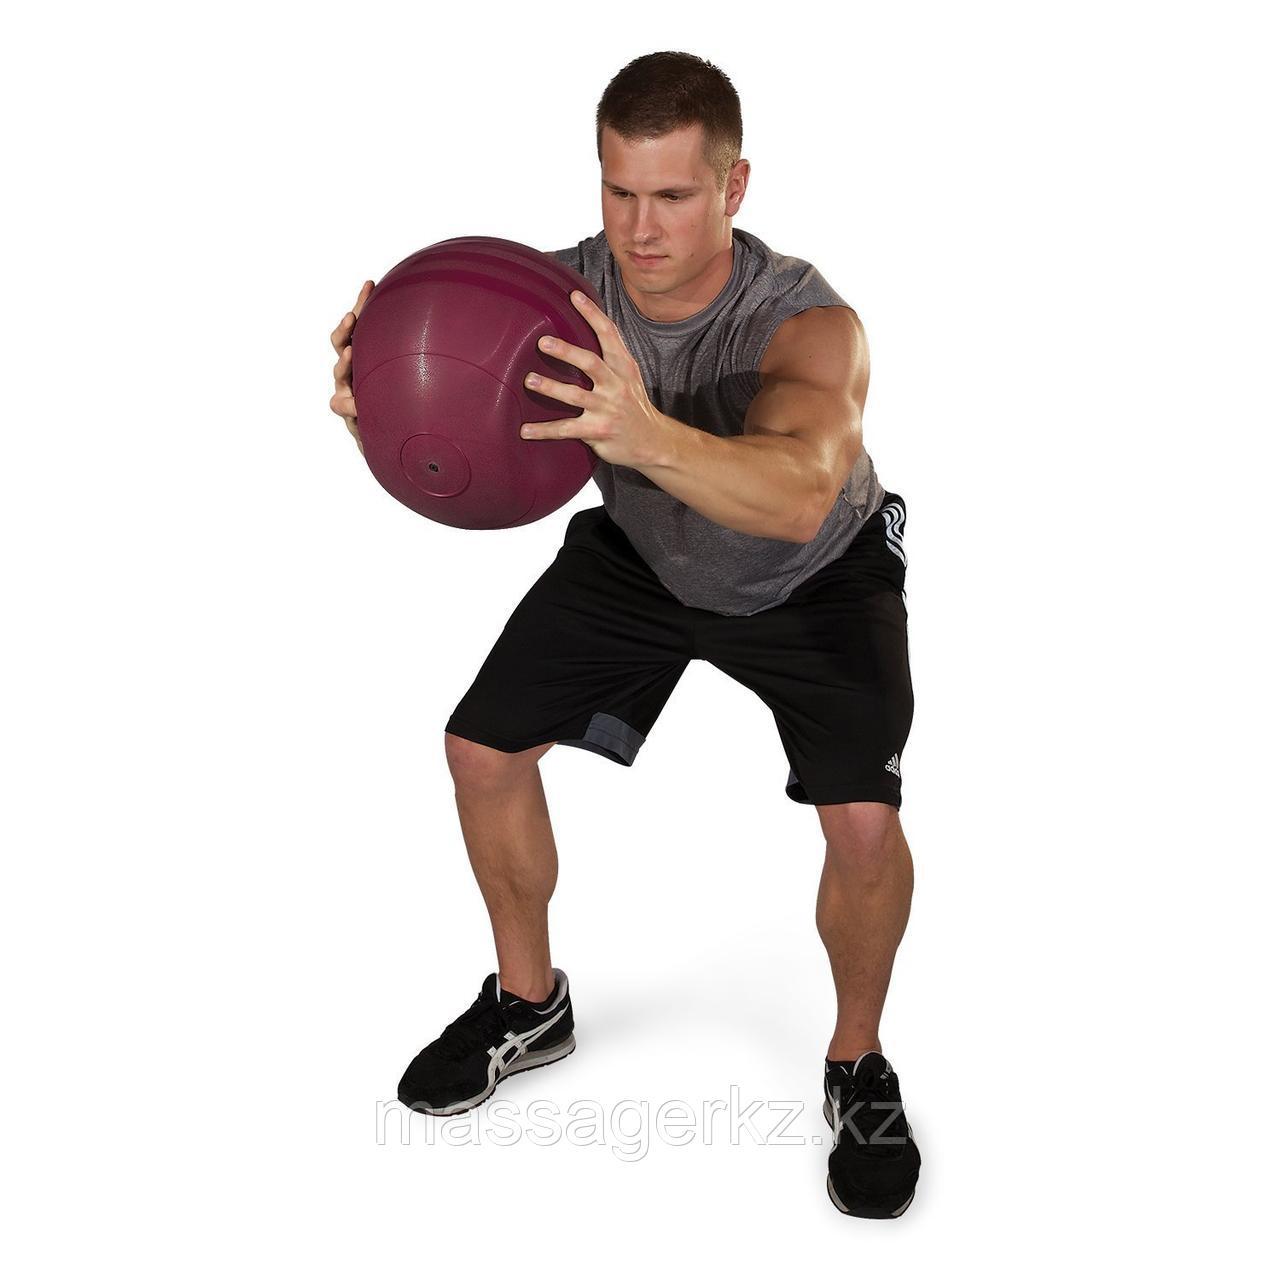 Слэмболл Body-Solid 11,3 кг (25 lbs) - фото 3